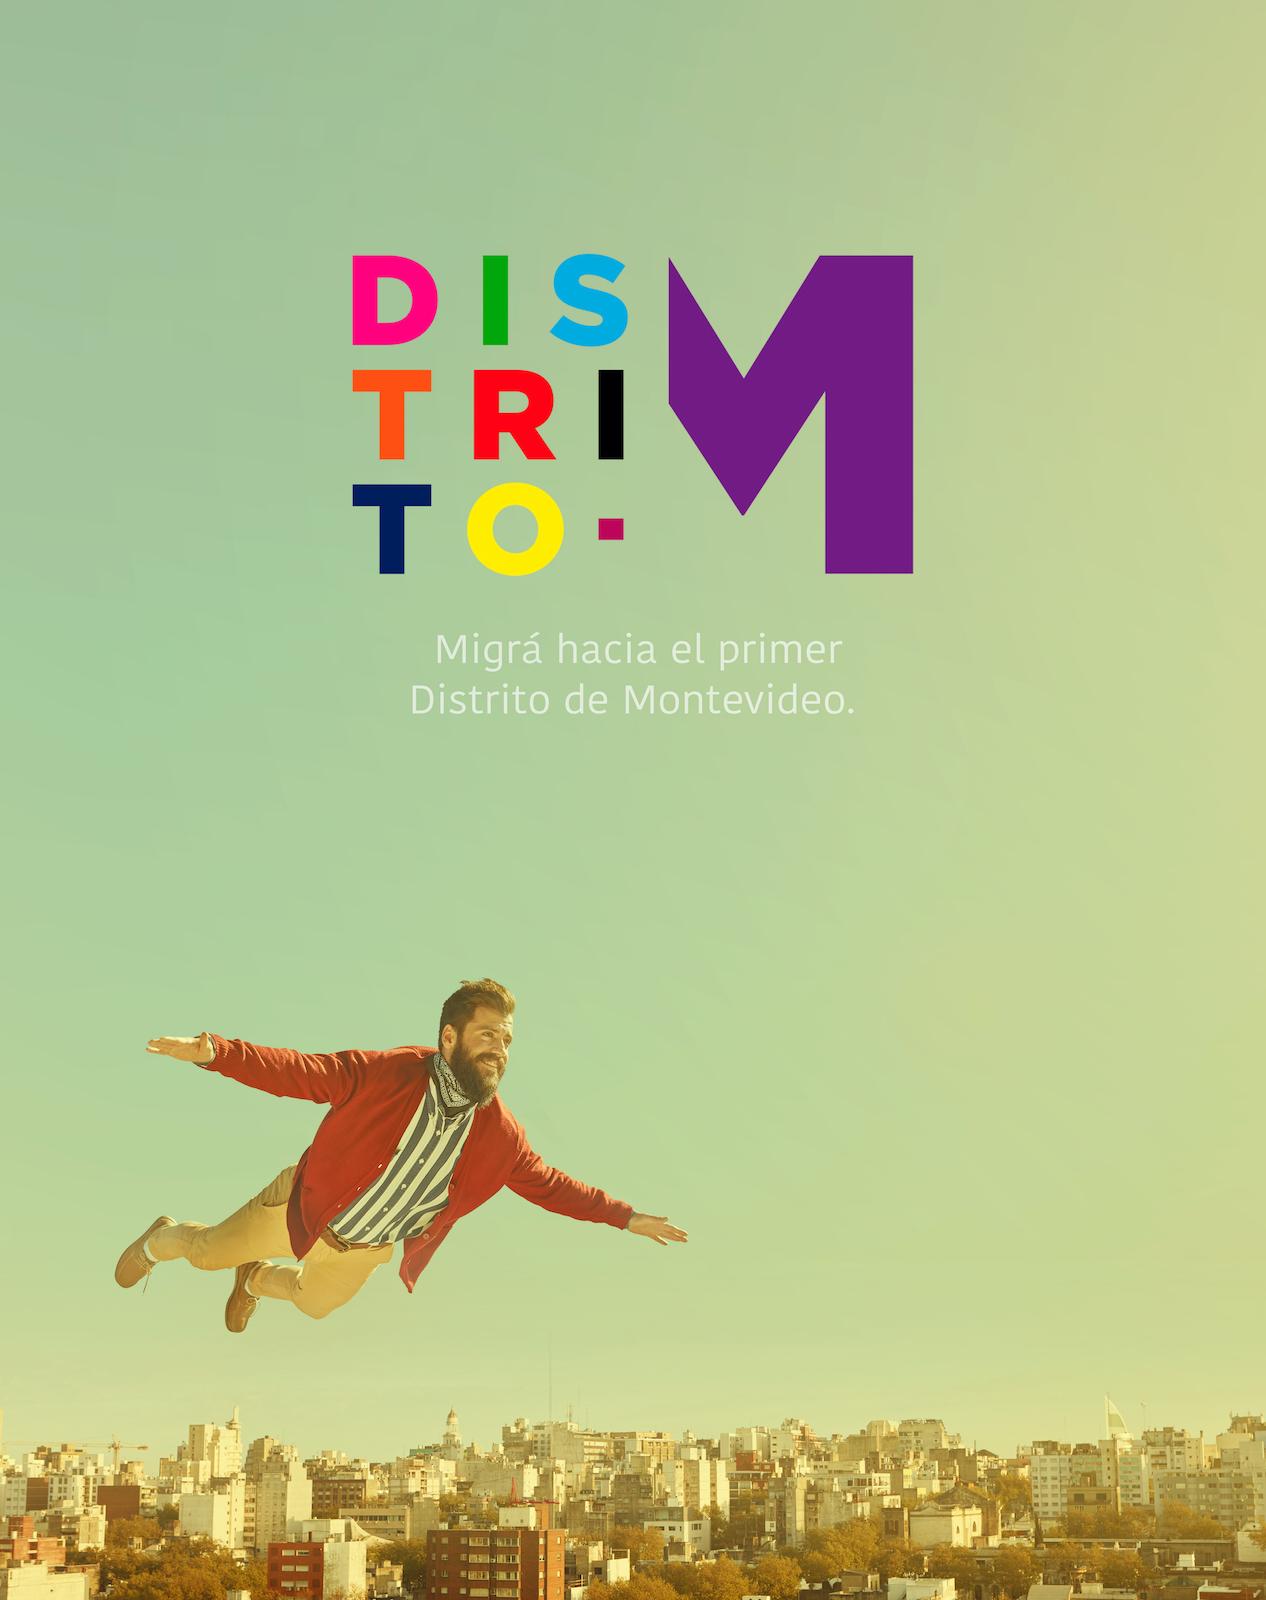 DISTRITO M